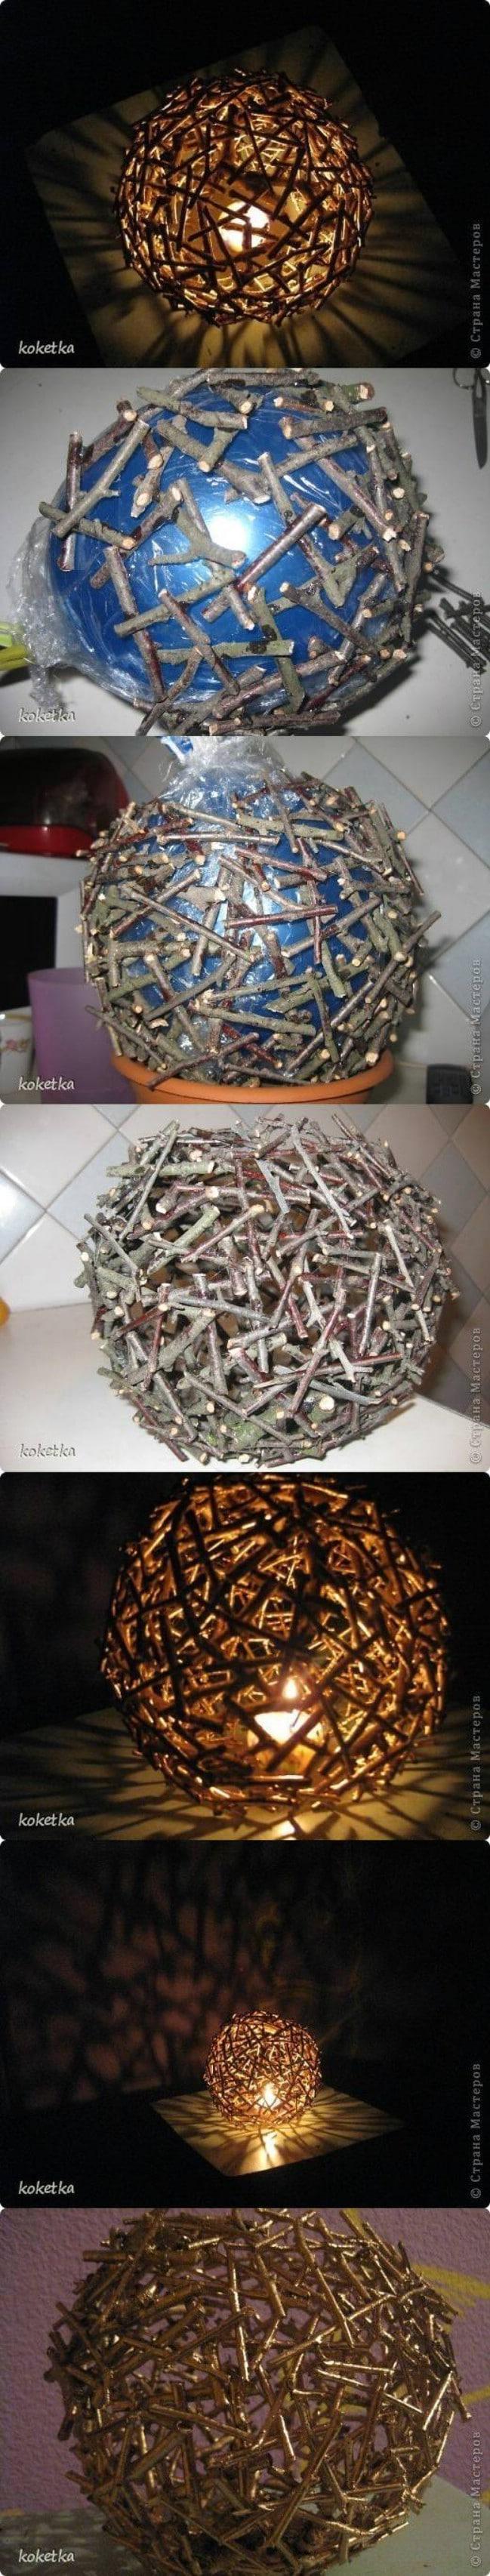 DIY Tree Branch Solar Bulb